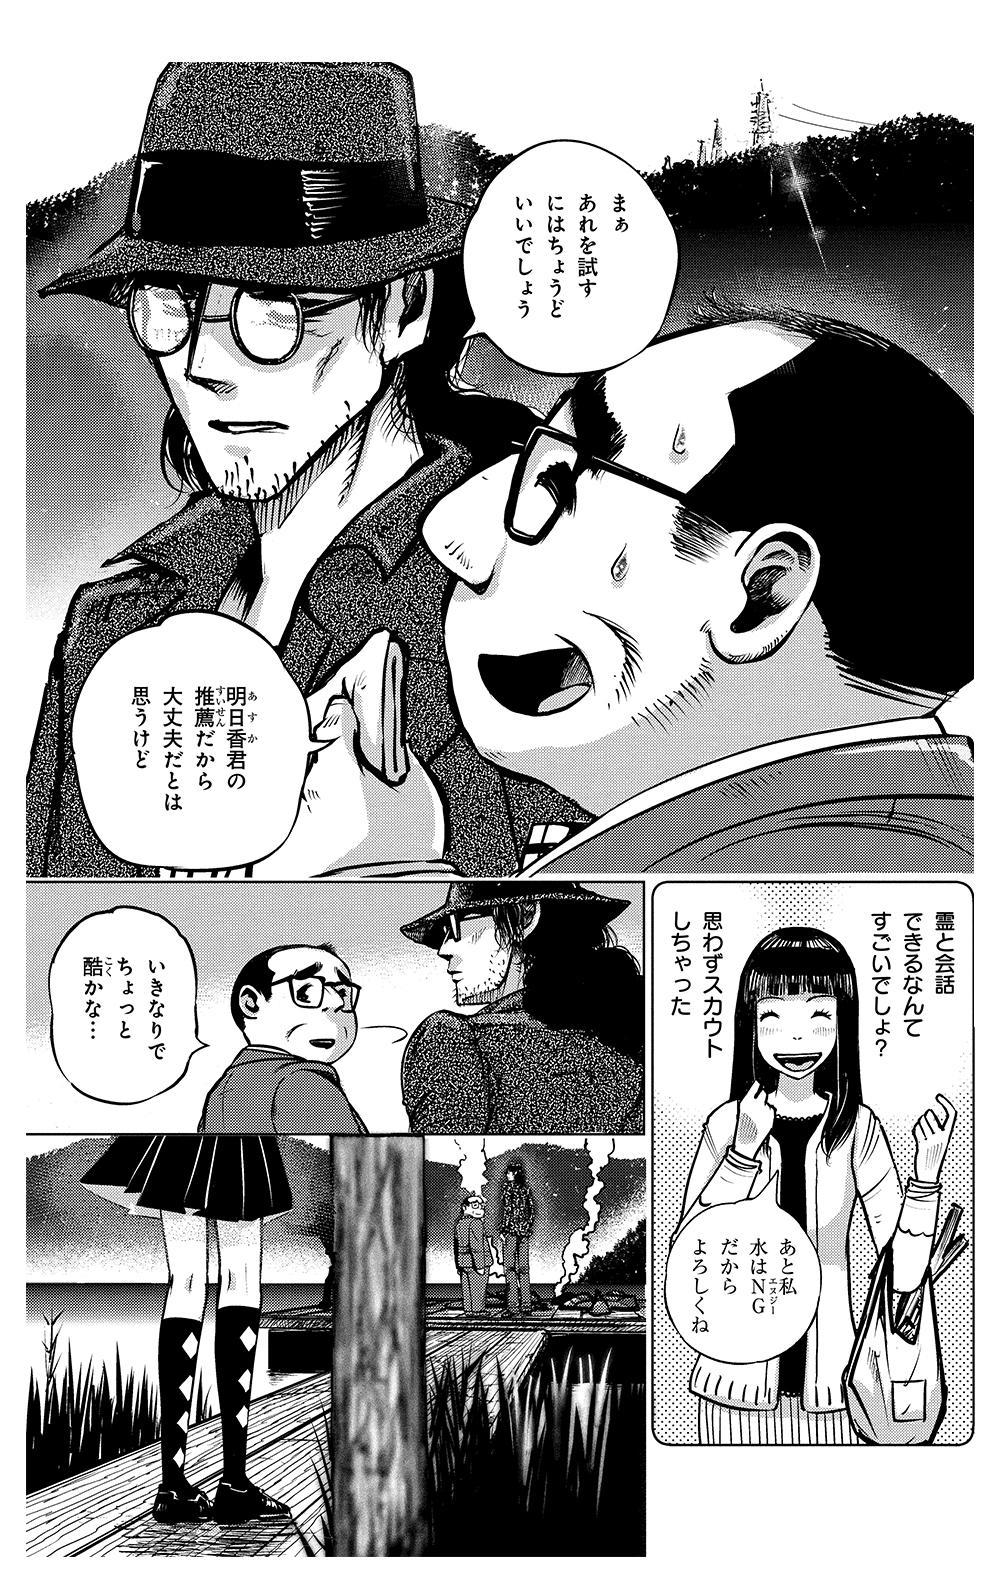 ことなかれ 第3話「革仔玉」①kotonakare01-07.jpg